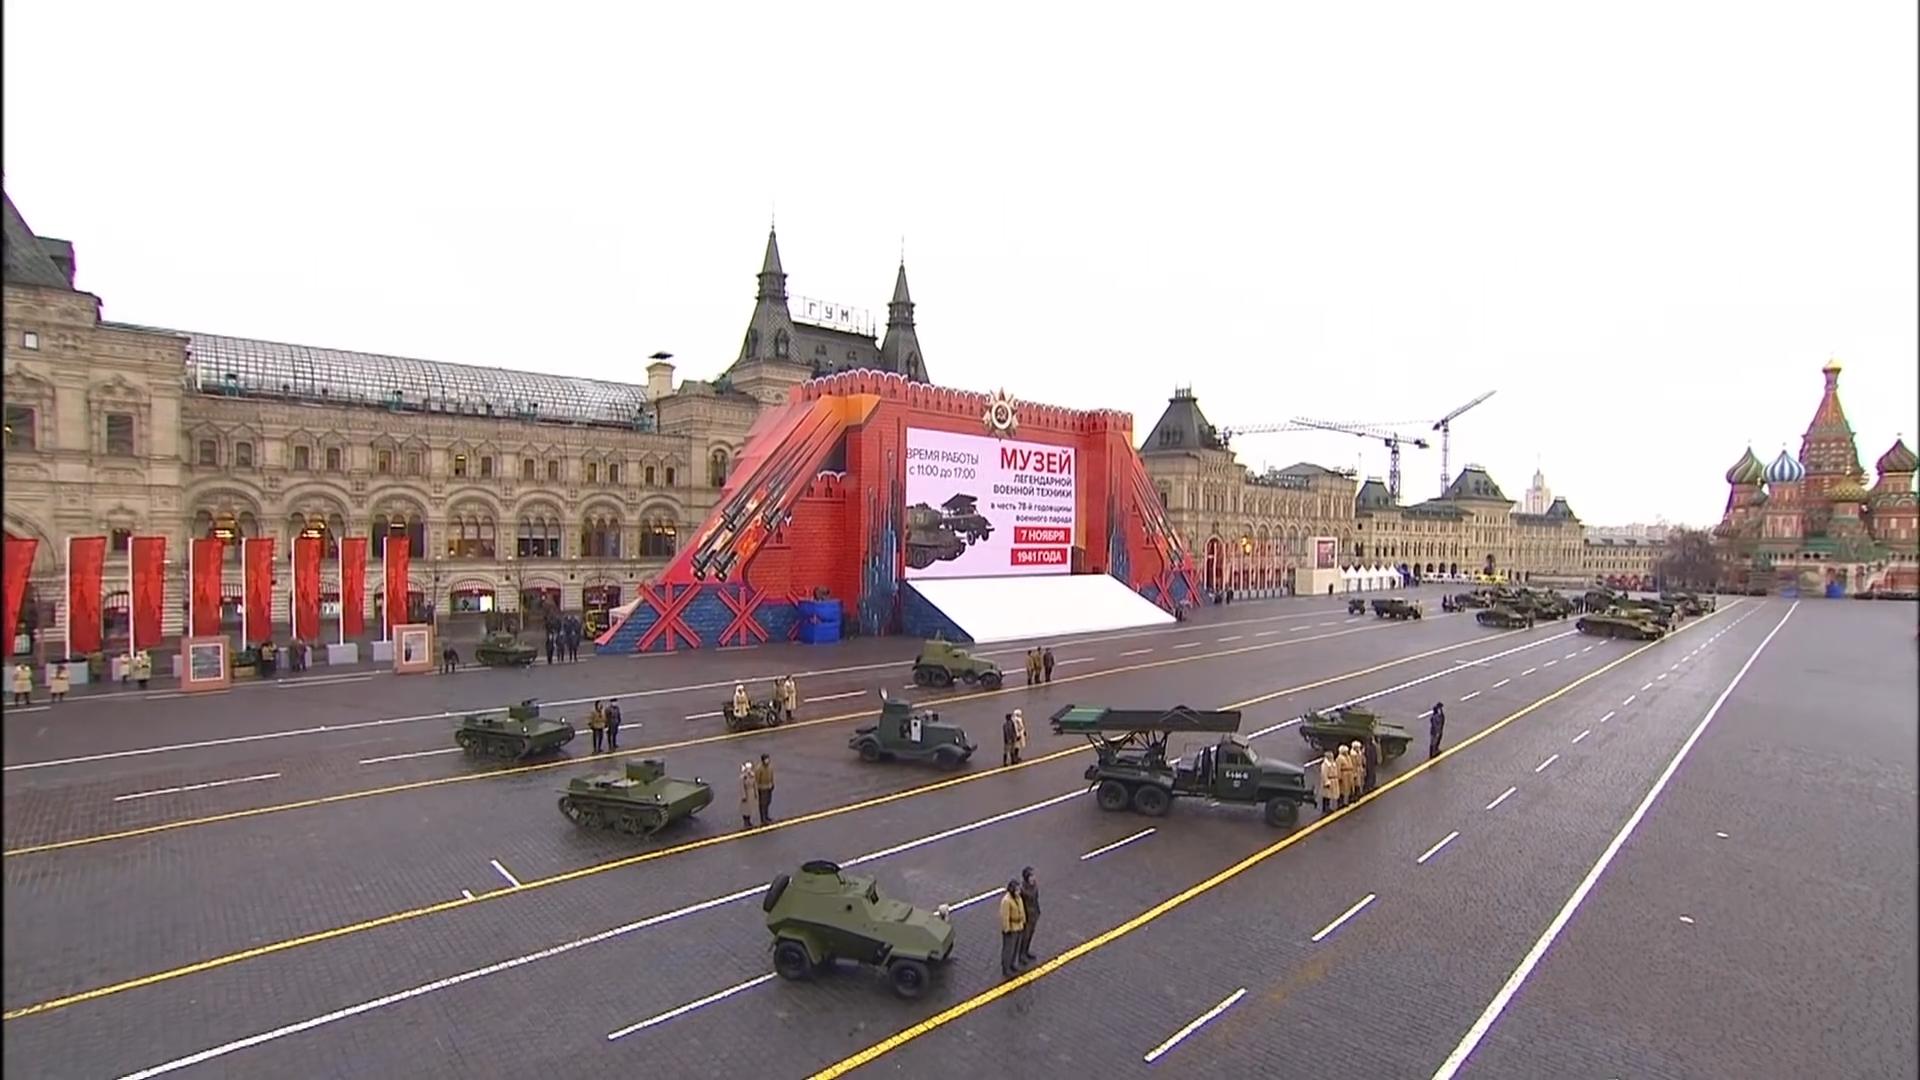 81-Марш в честь годовщины парада на Красной площади 1941-го года в Москве. Прямая трансляция